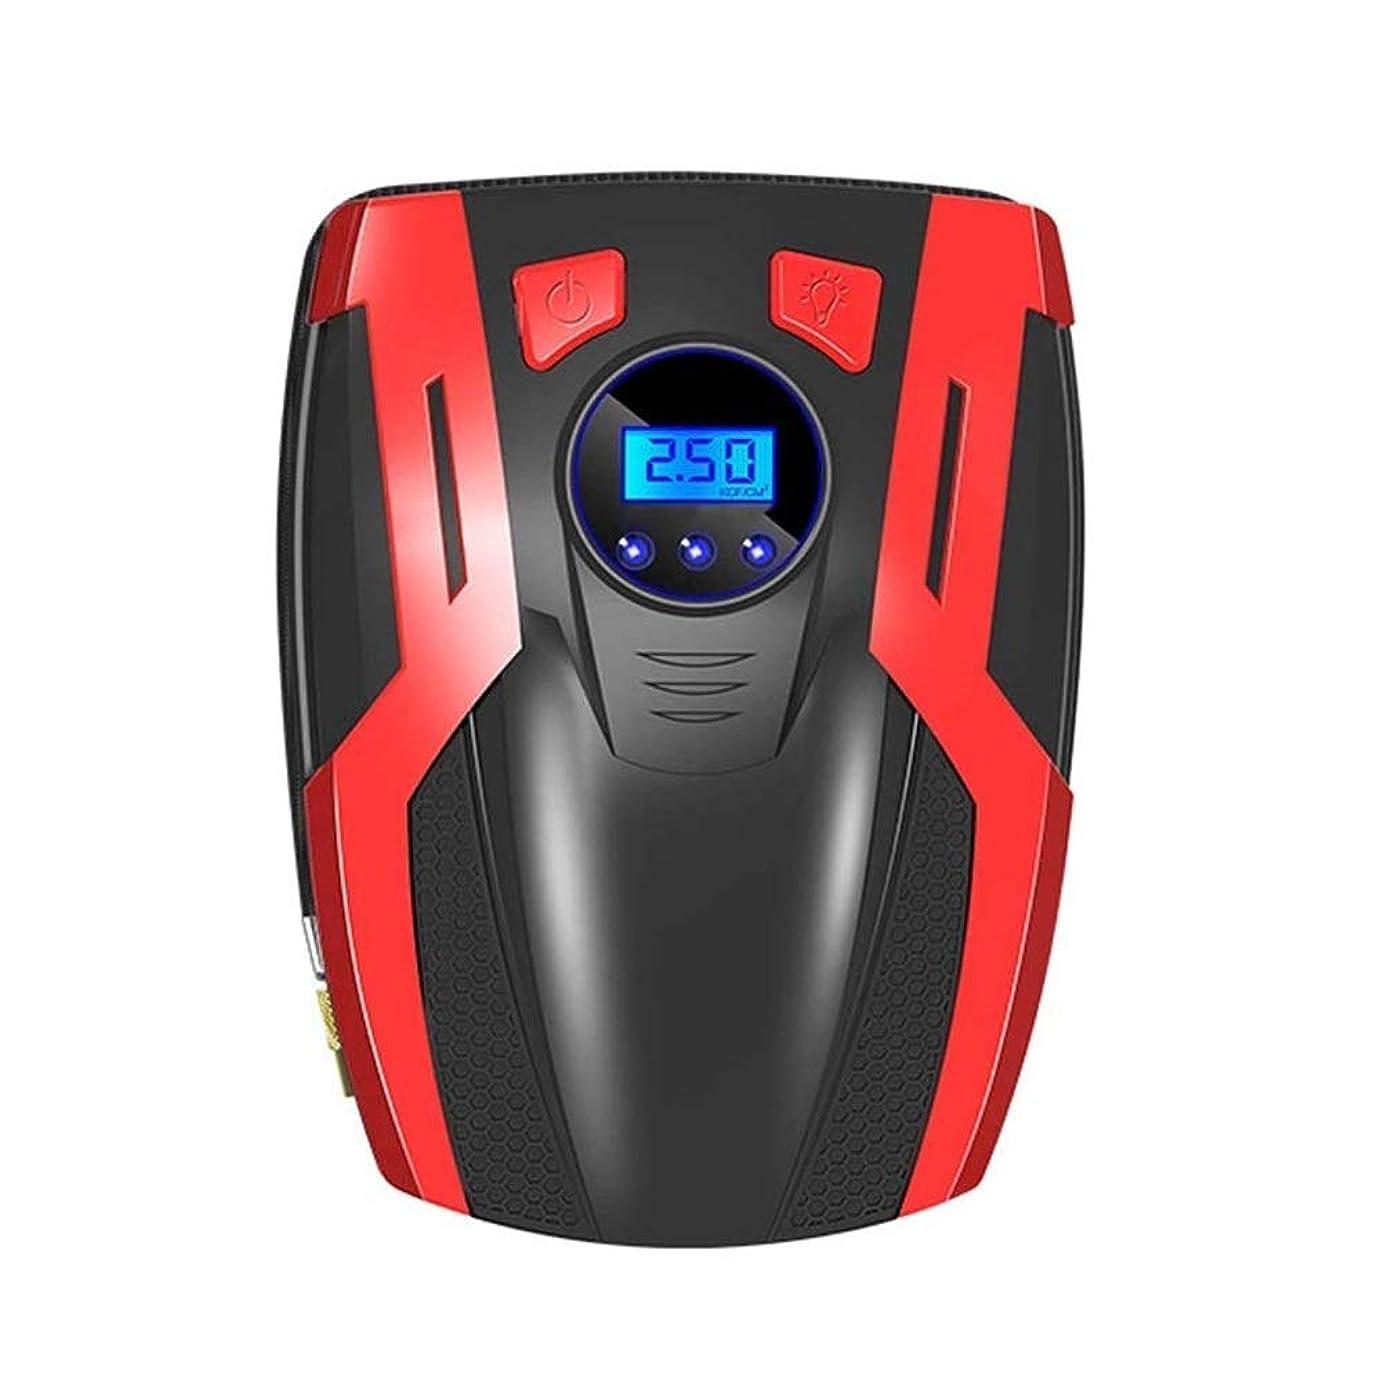 酸度であることエネルギーエアコンプレッサー 車のエアポンプ、自動車および他の膨脹可能なプロダクトのための自動車のエアポンプの携帯用12V金属の電気タイヤのエアポンプの速い充満理性的なデジタル表示装置